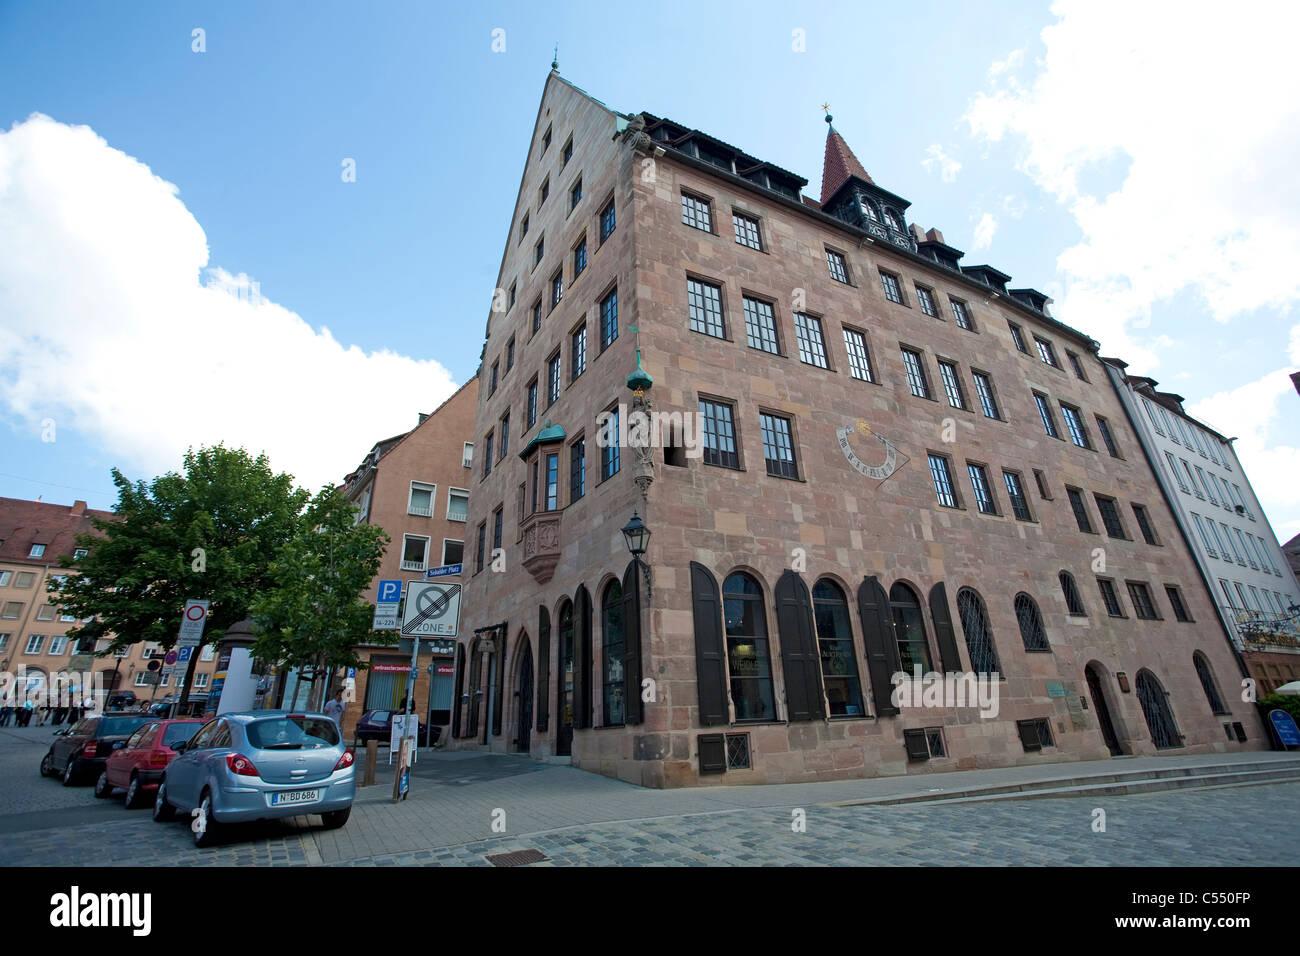 Garnelensuche bin Albrecht-Dürer-Platz in der Altstadt Auktionshaus Weidler an der Albrecht-Dürer-Platz Stockbild